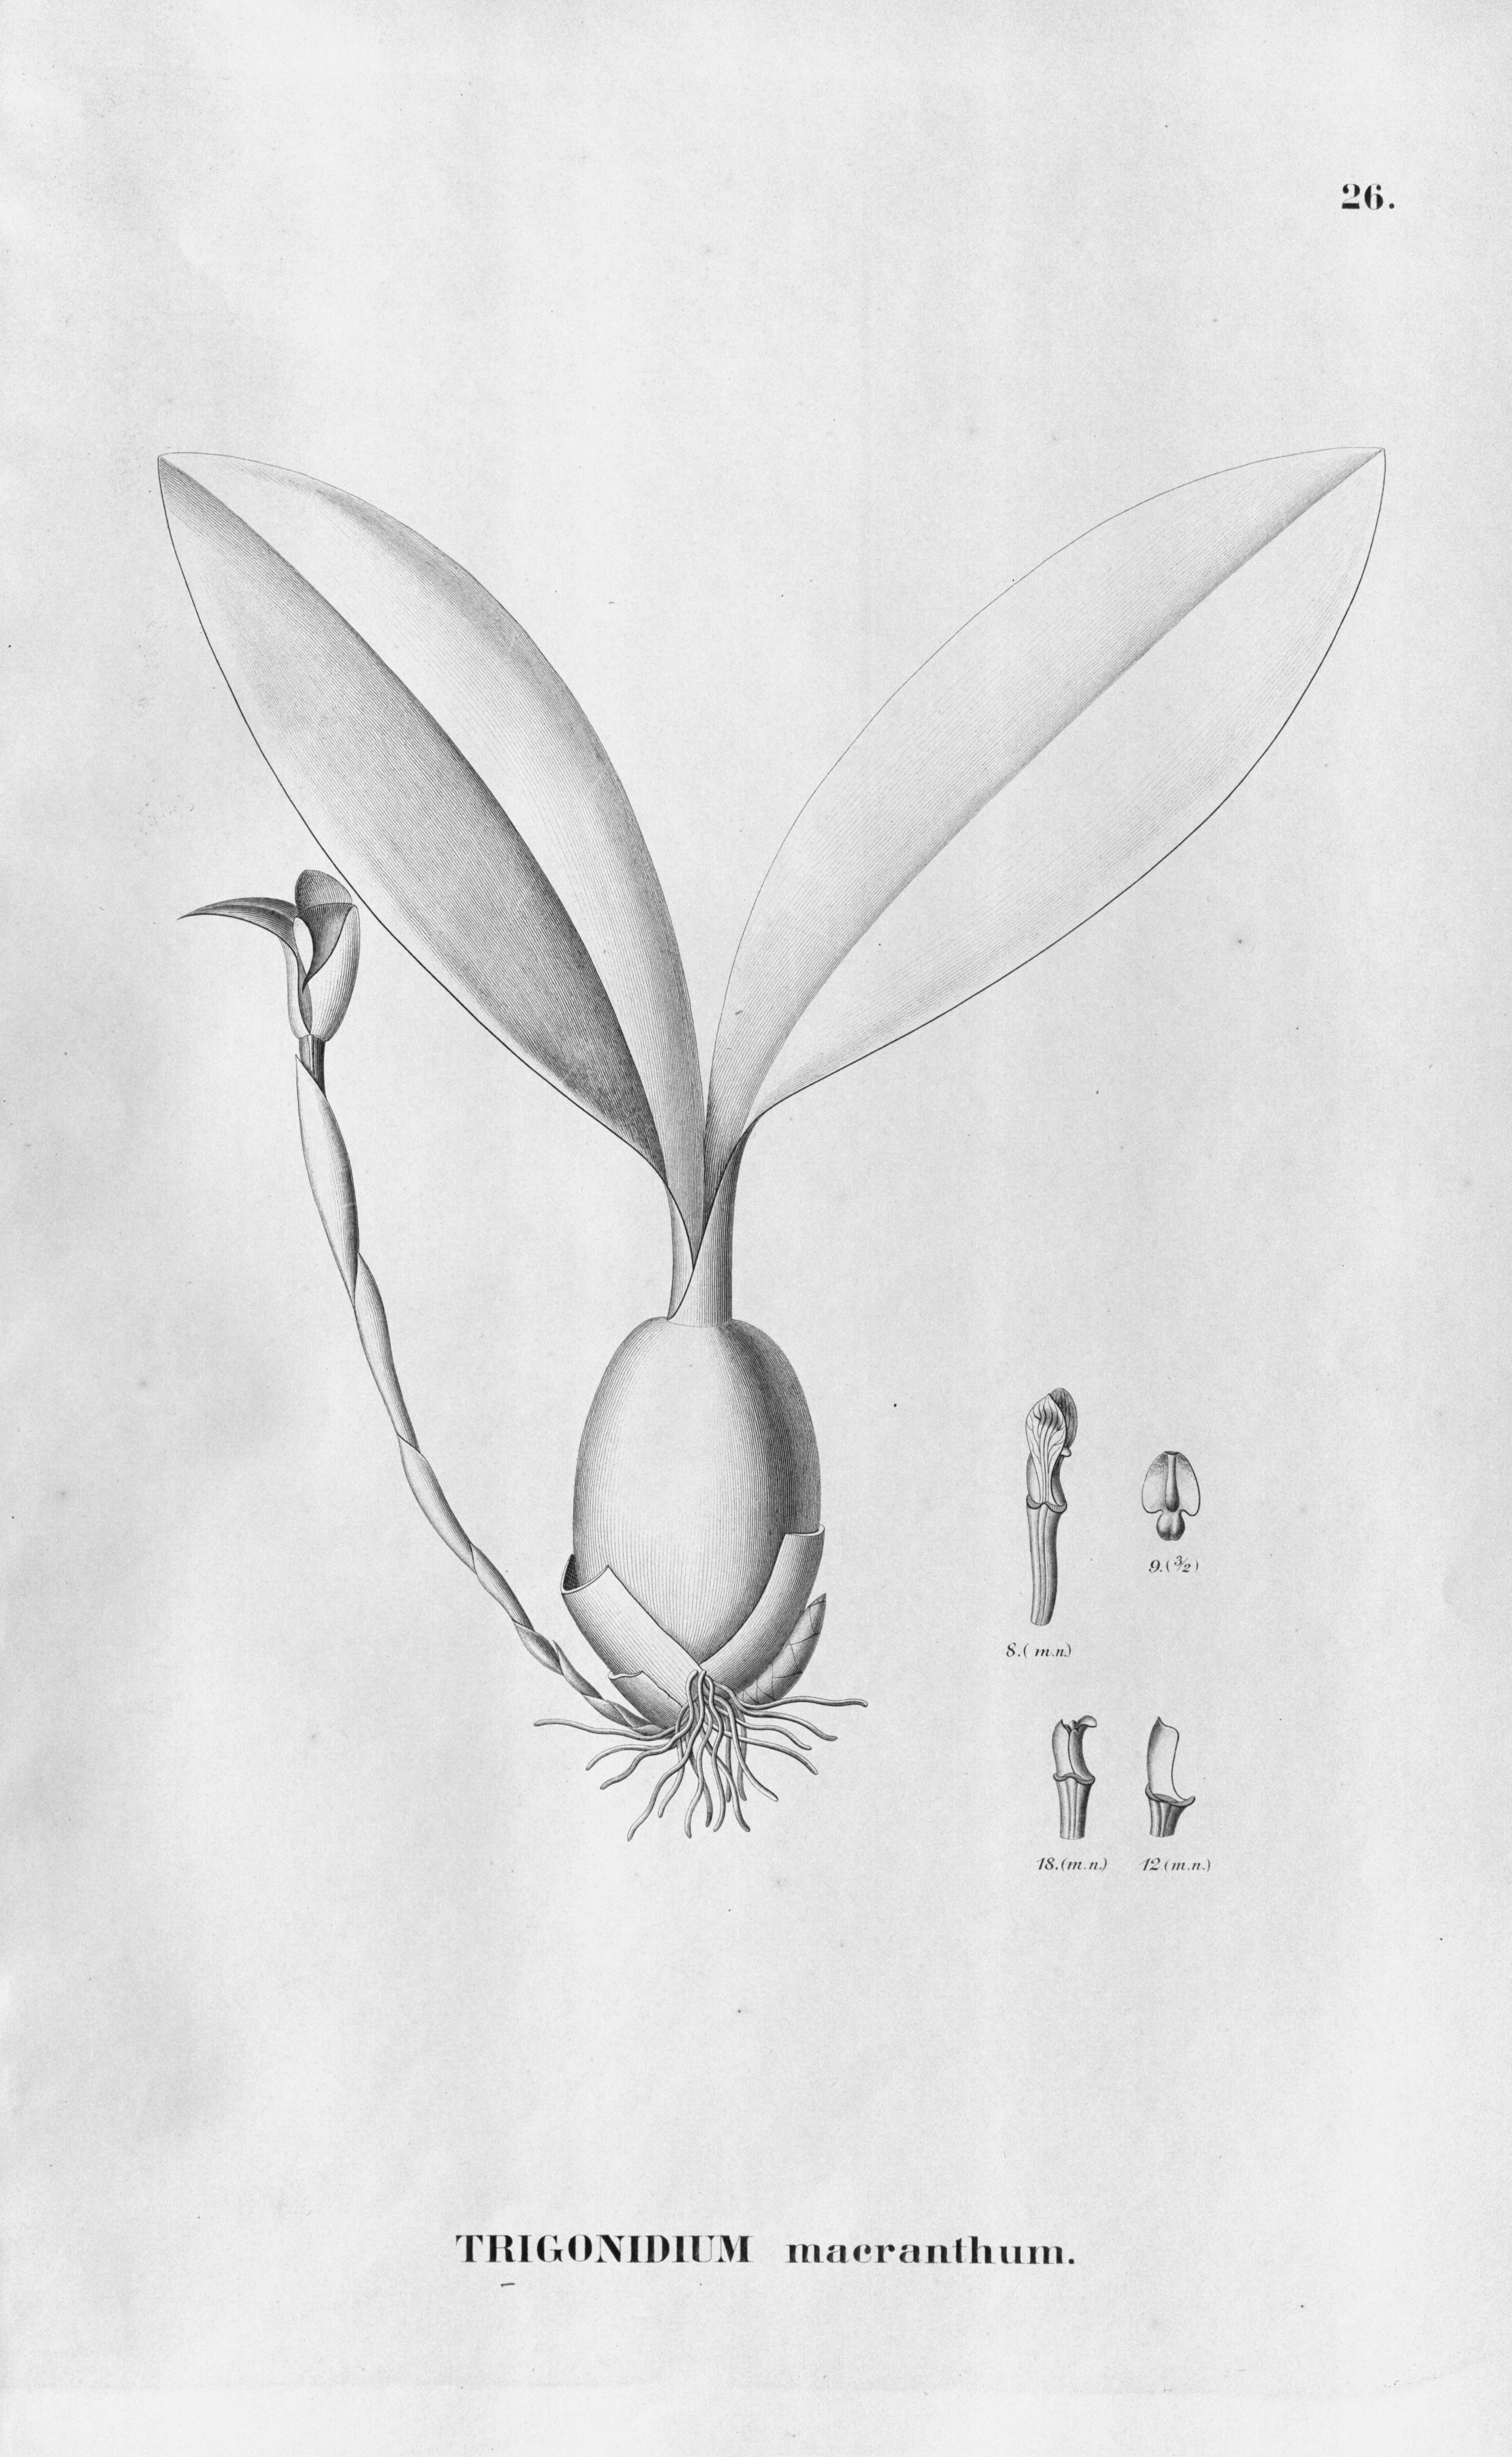 Image of Trigonidium